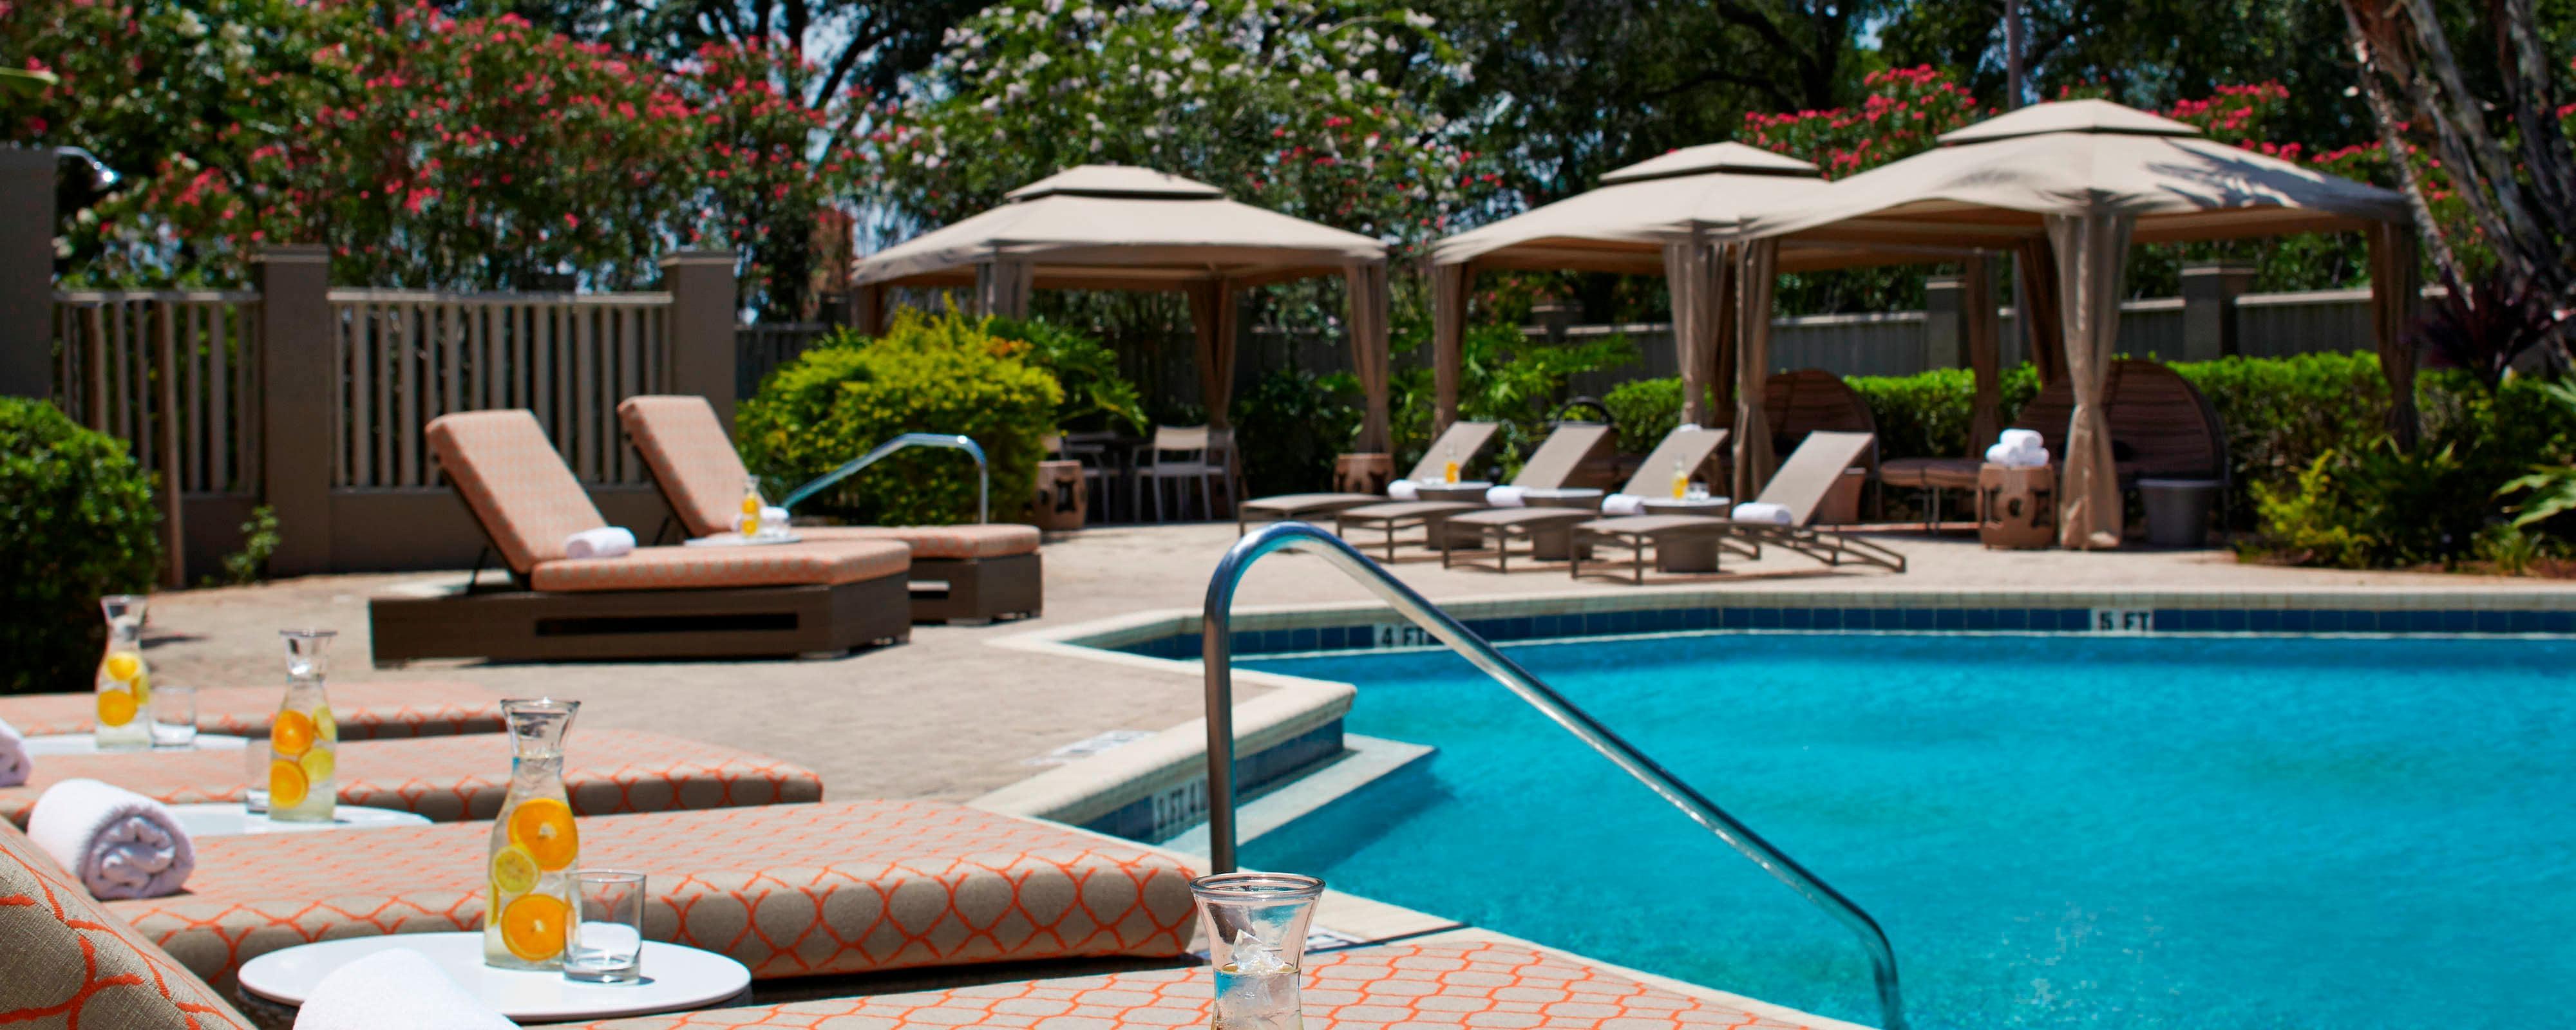 De Haute Qualite Hotel Gym Recreation Renaissance Orlando Airport Hotel